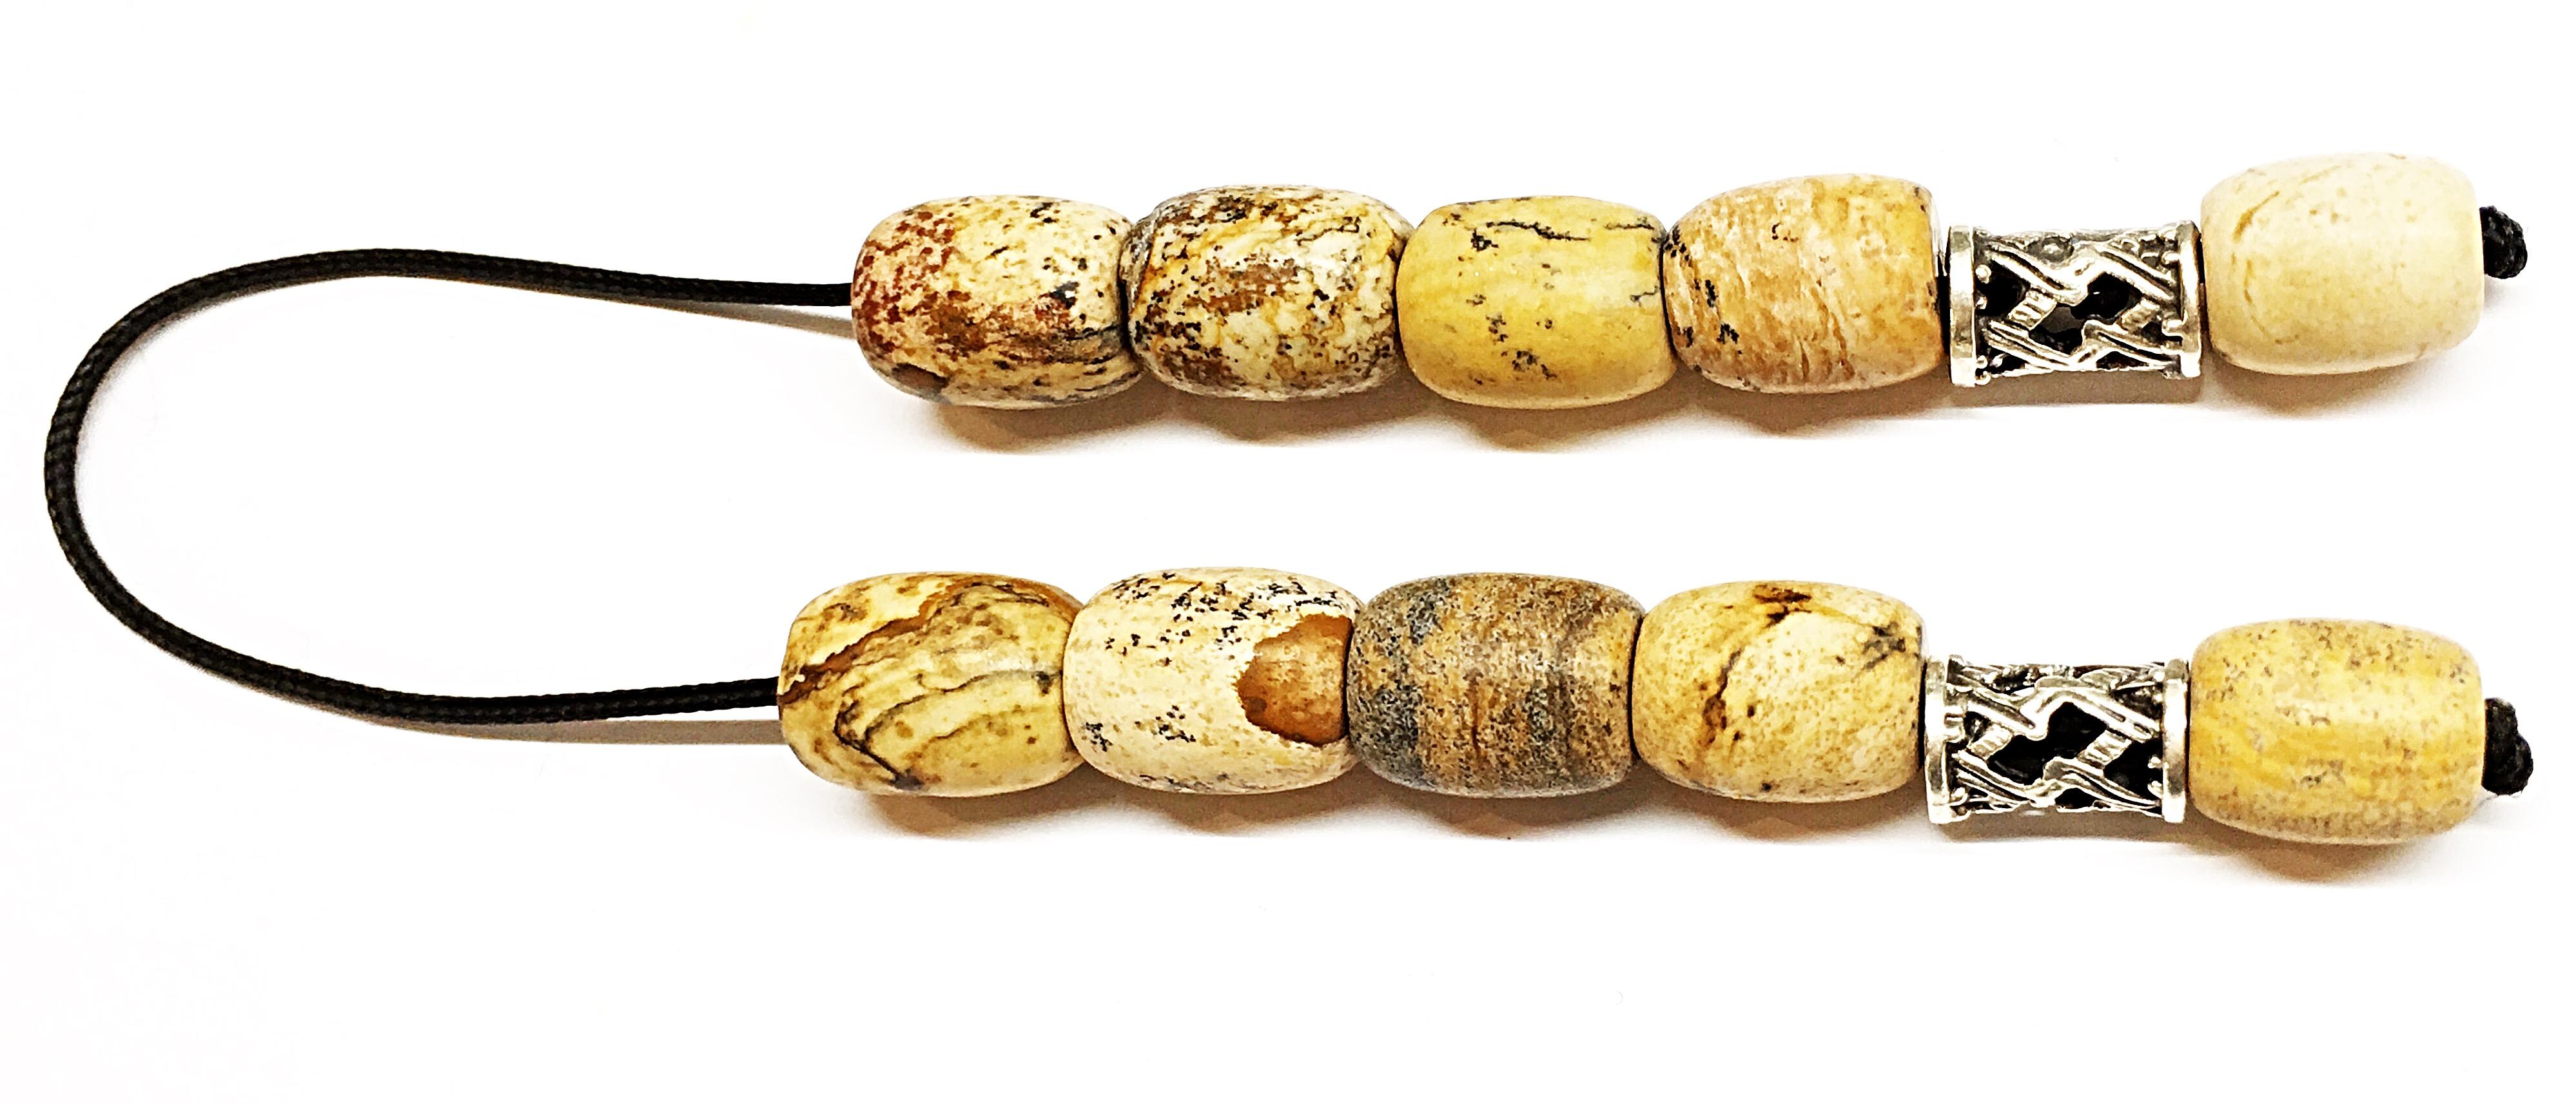 Χειροποίητο Μπεγλέρι από απολιθωμένο ξύλο (Ίασπις)